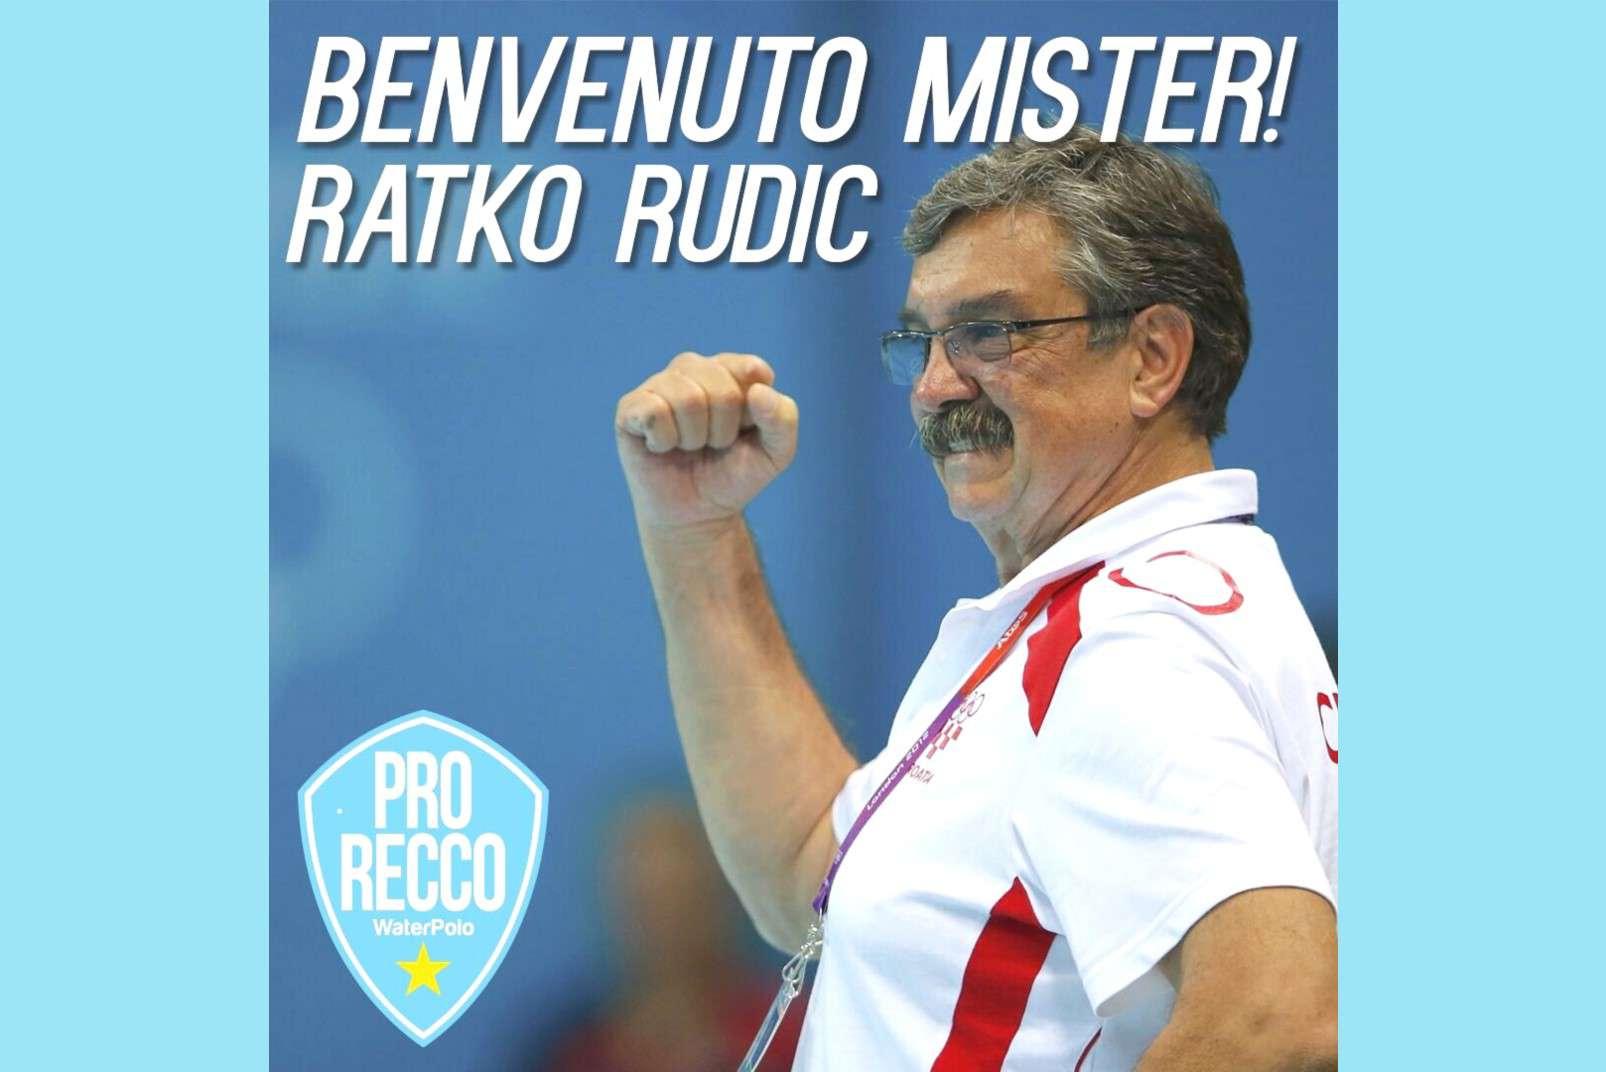 Ratko Rudic, nuovo allenatore della Pro Recco WaterPolo 1913